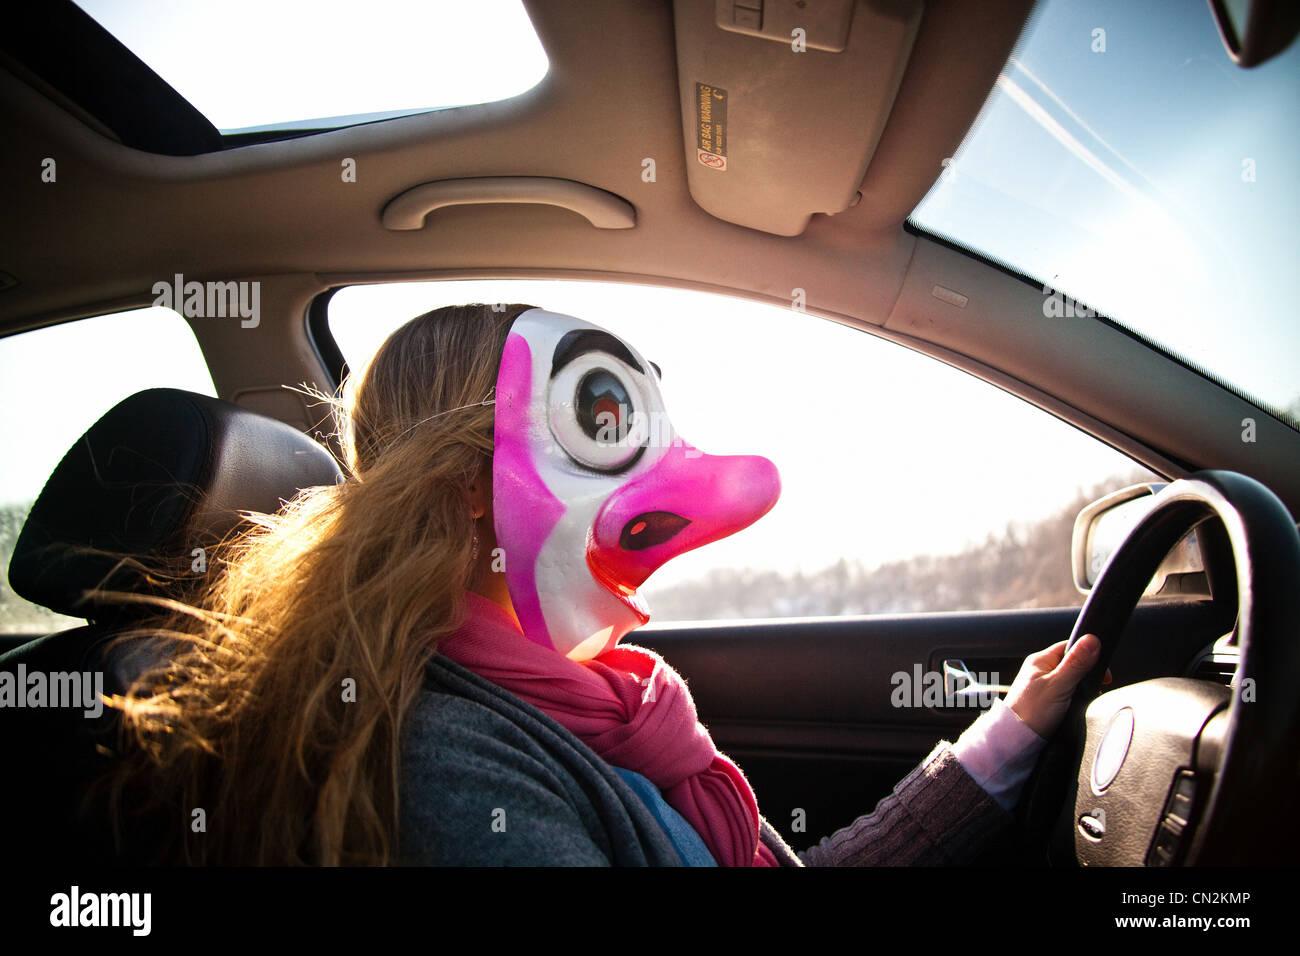 Mujer coche vistiendo máscara de payaso Imagen De Stock